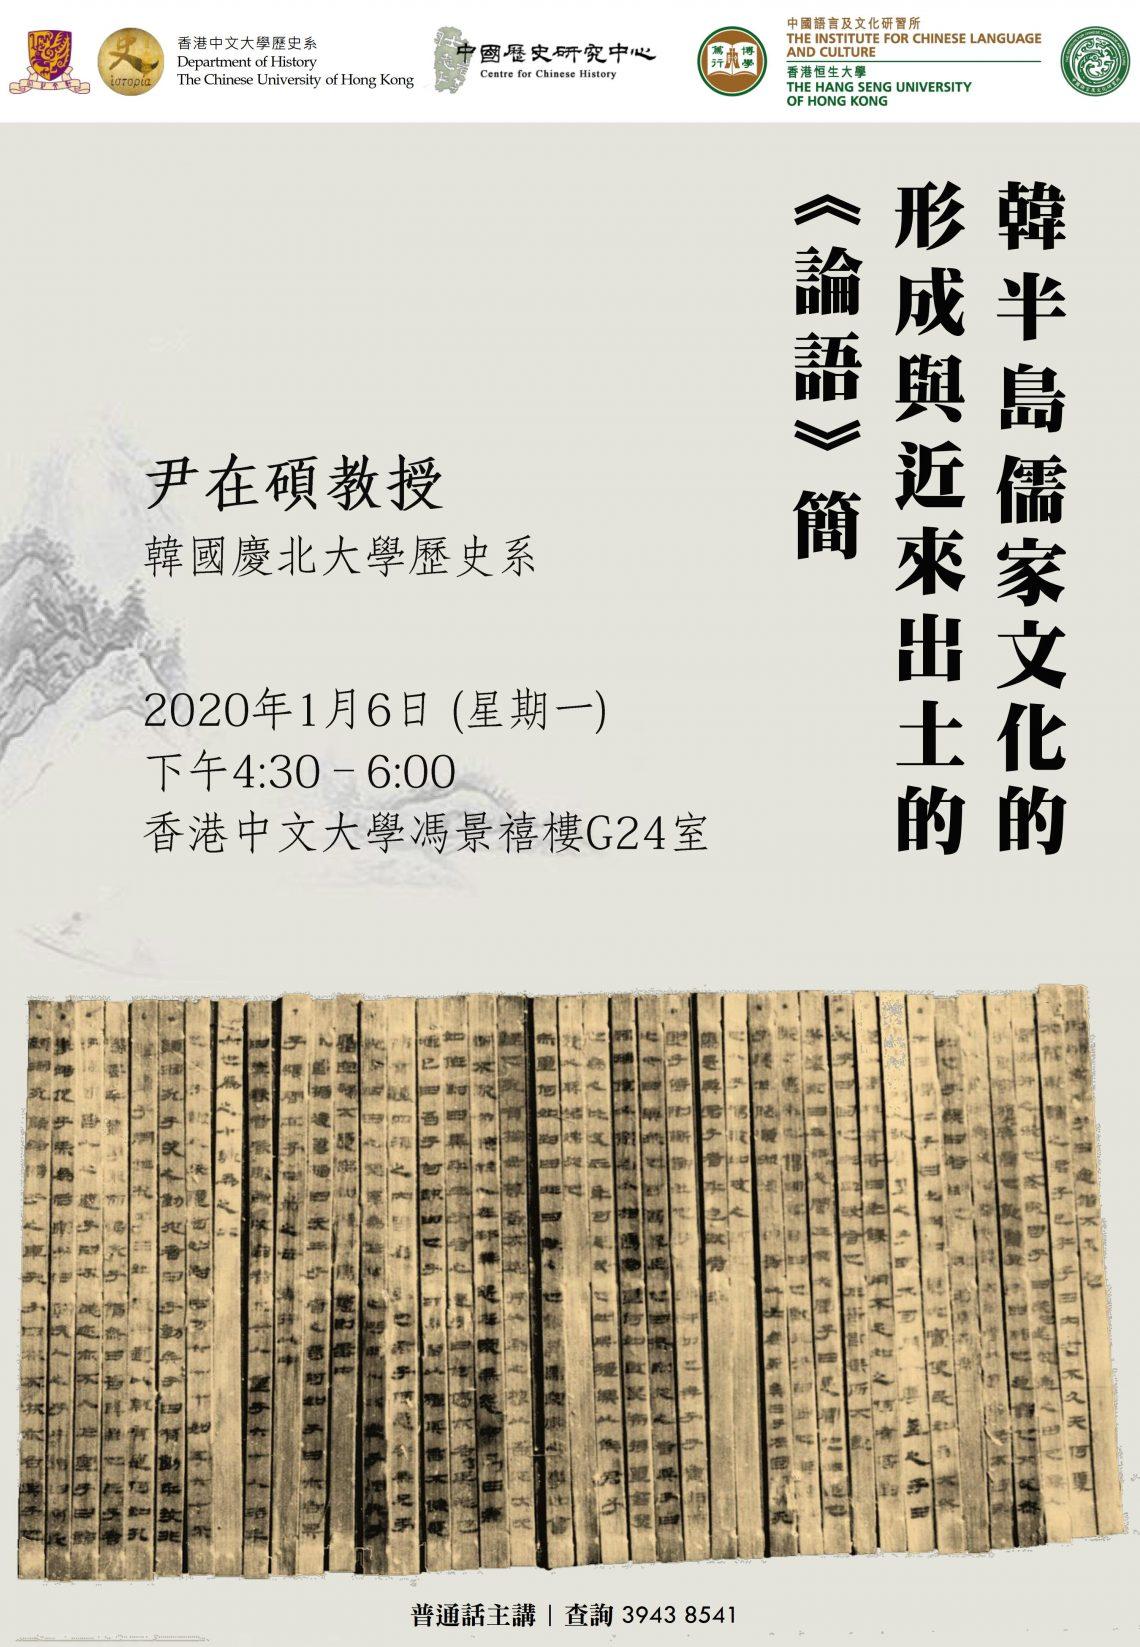 學術講座:韓半島儒家文化的形成與近來出土的《論語》簡